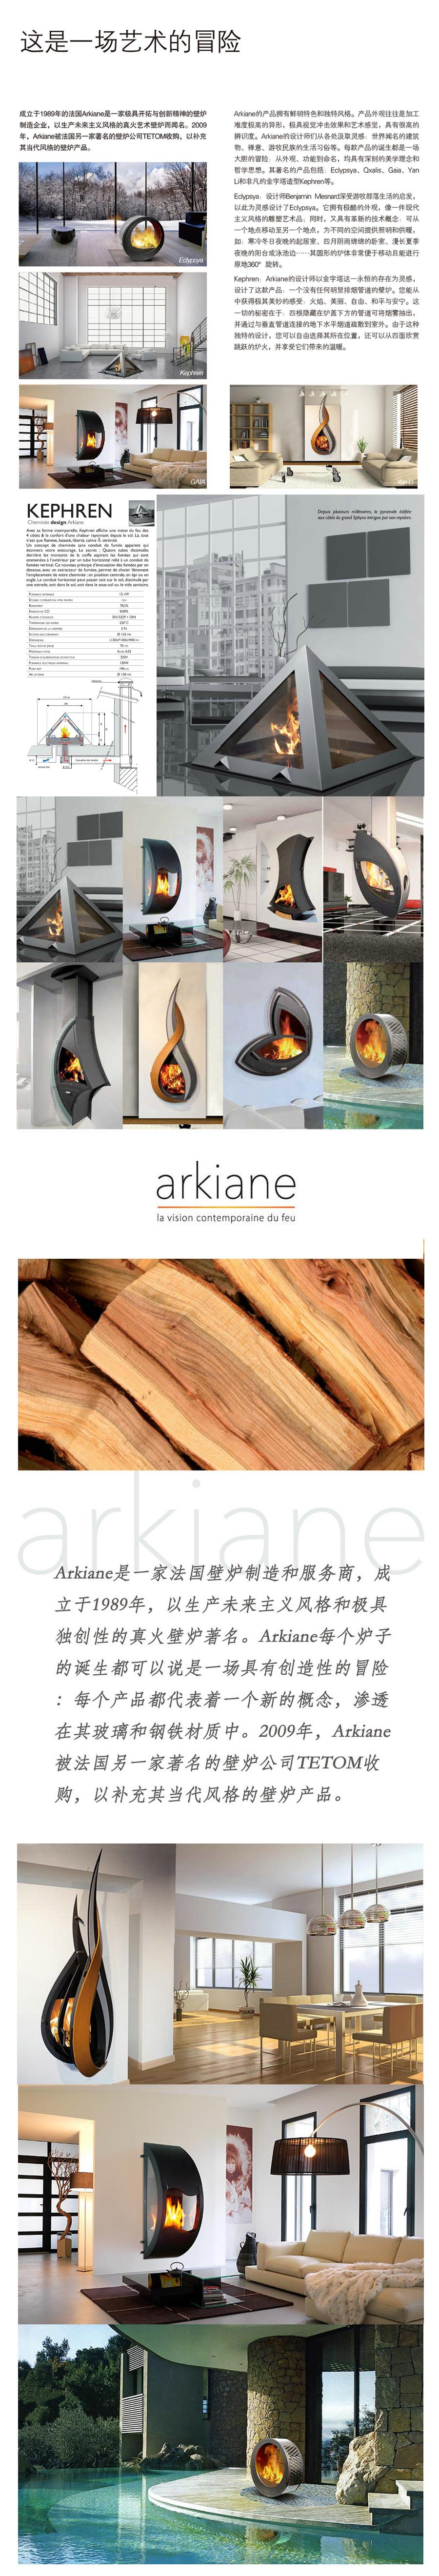 arkiane-2.jpg